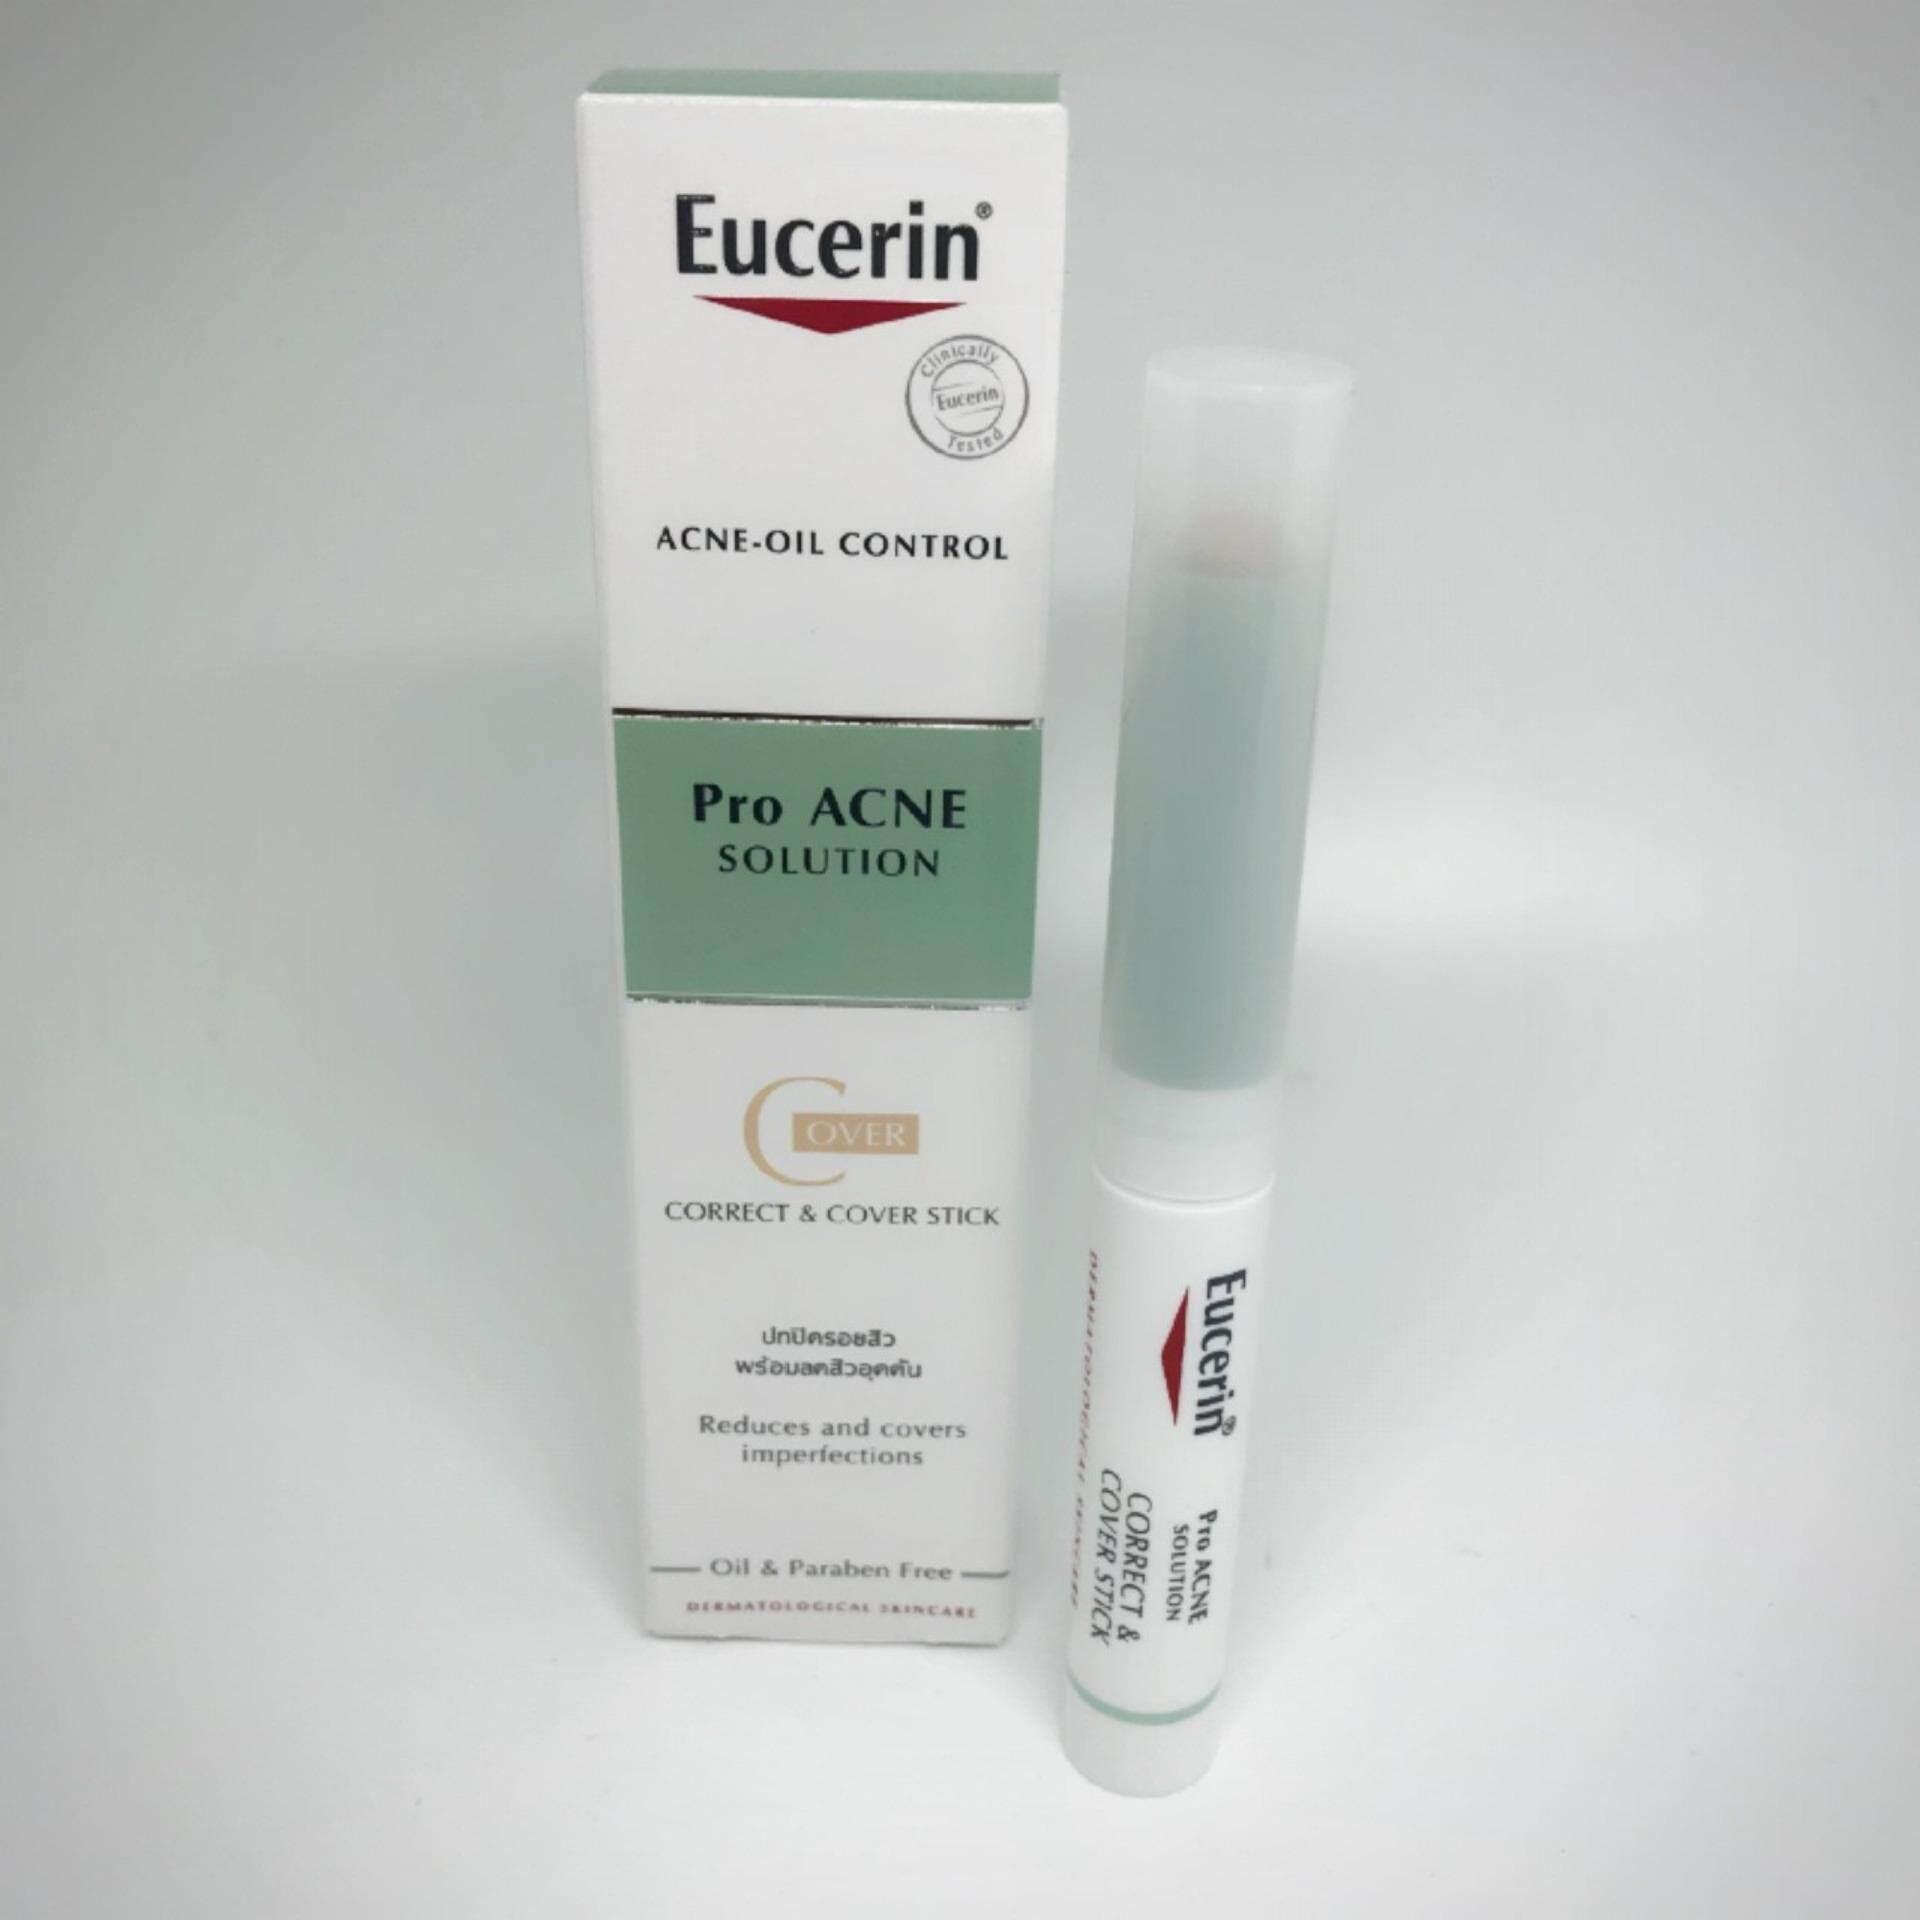 ซื้อ Eucerin Dermo Purifyer Cover Stick 2 5Ml ตัวสินค้ามีการซีล Eucerin เป็นต้นฉบับ